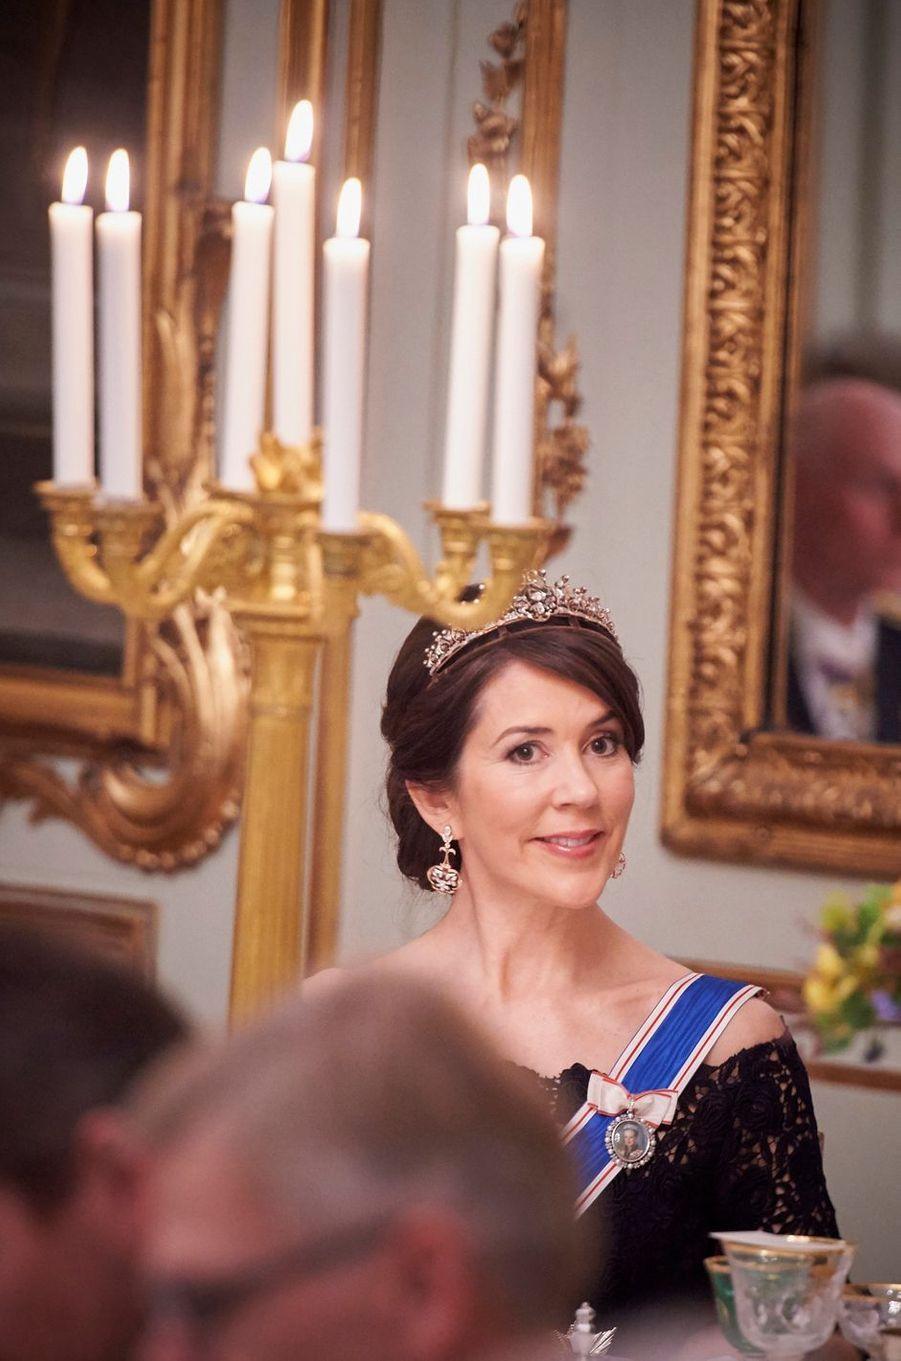 La princesse Mary de Danemark au Palais d'Amalienborg à Copenhague, le 24 janvier 2017